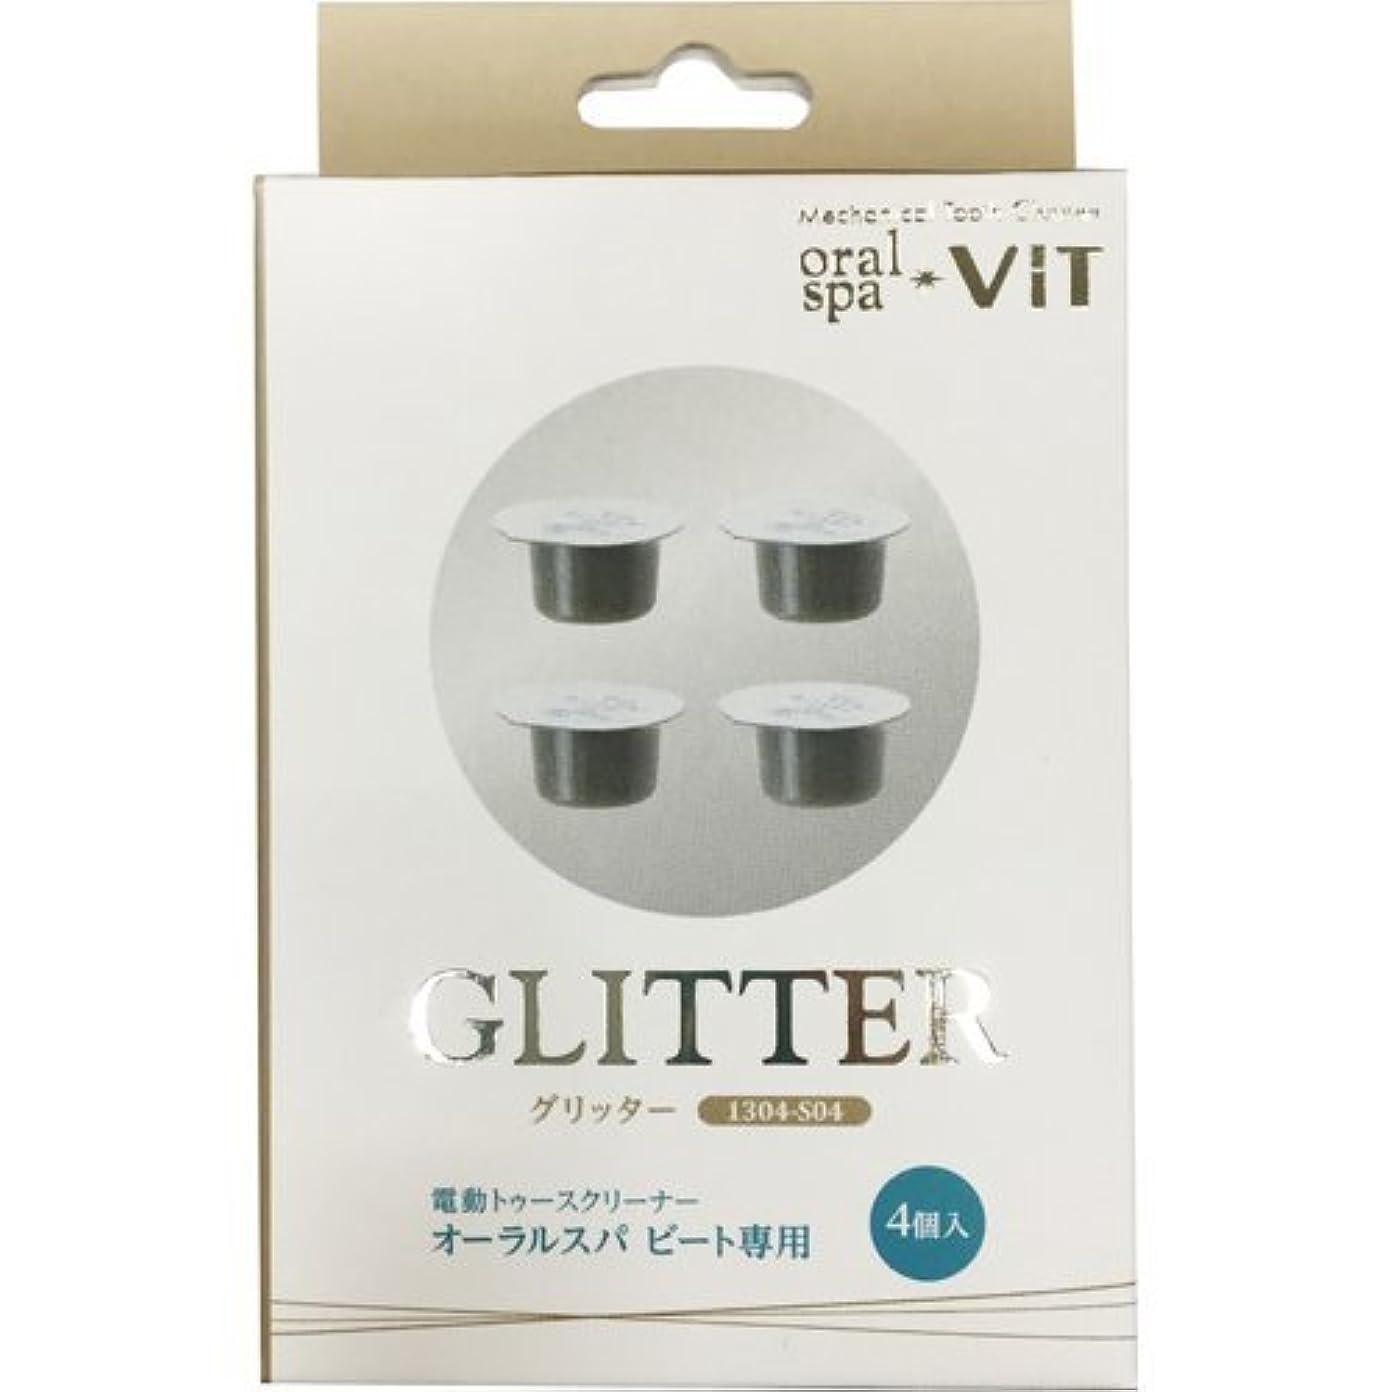 怪しい作業操作可能電動トゥースクリーナー oral spa VIT(オーラルスパビート)専用グリッター スペアミント 4個入